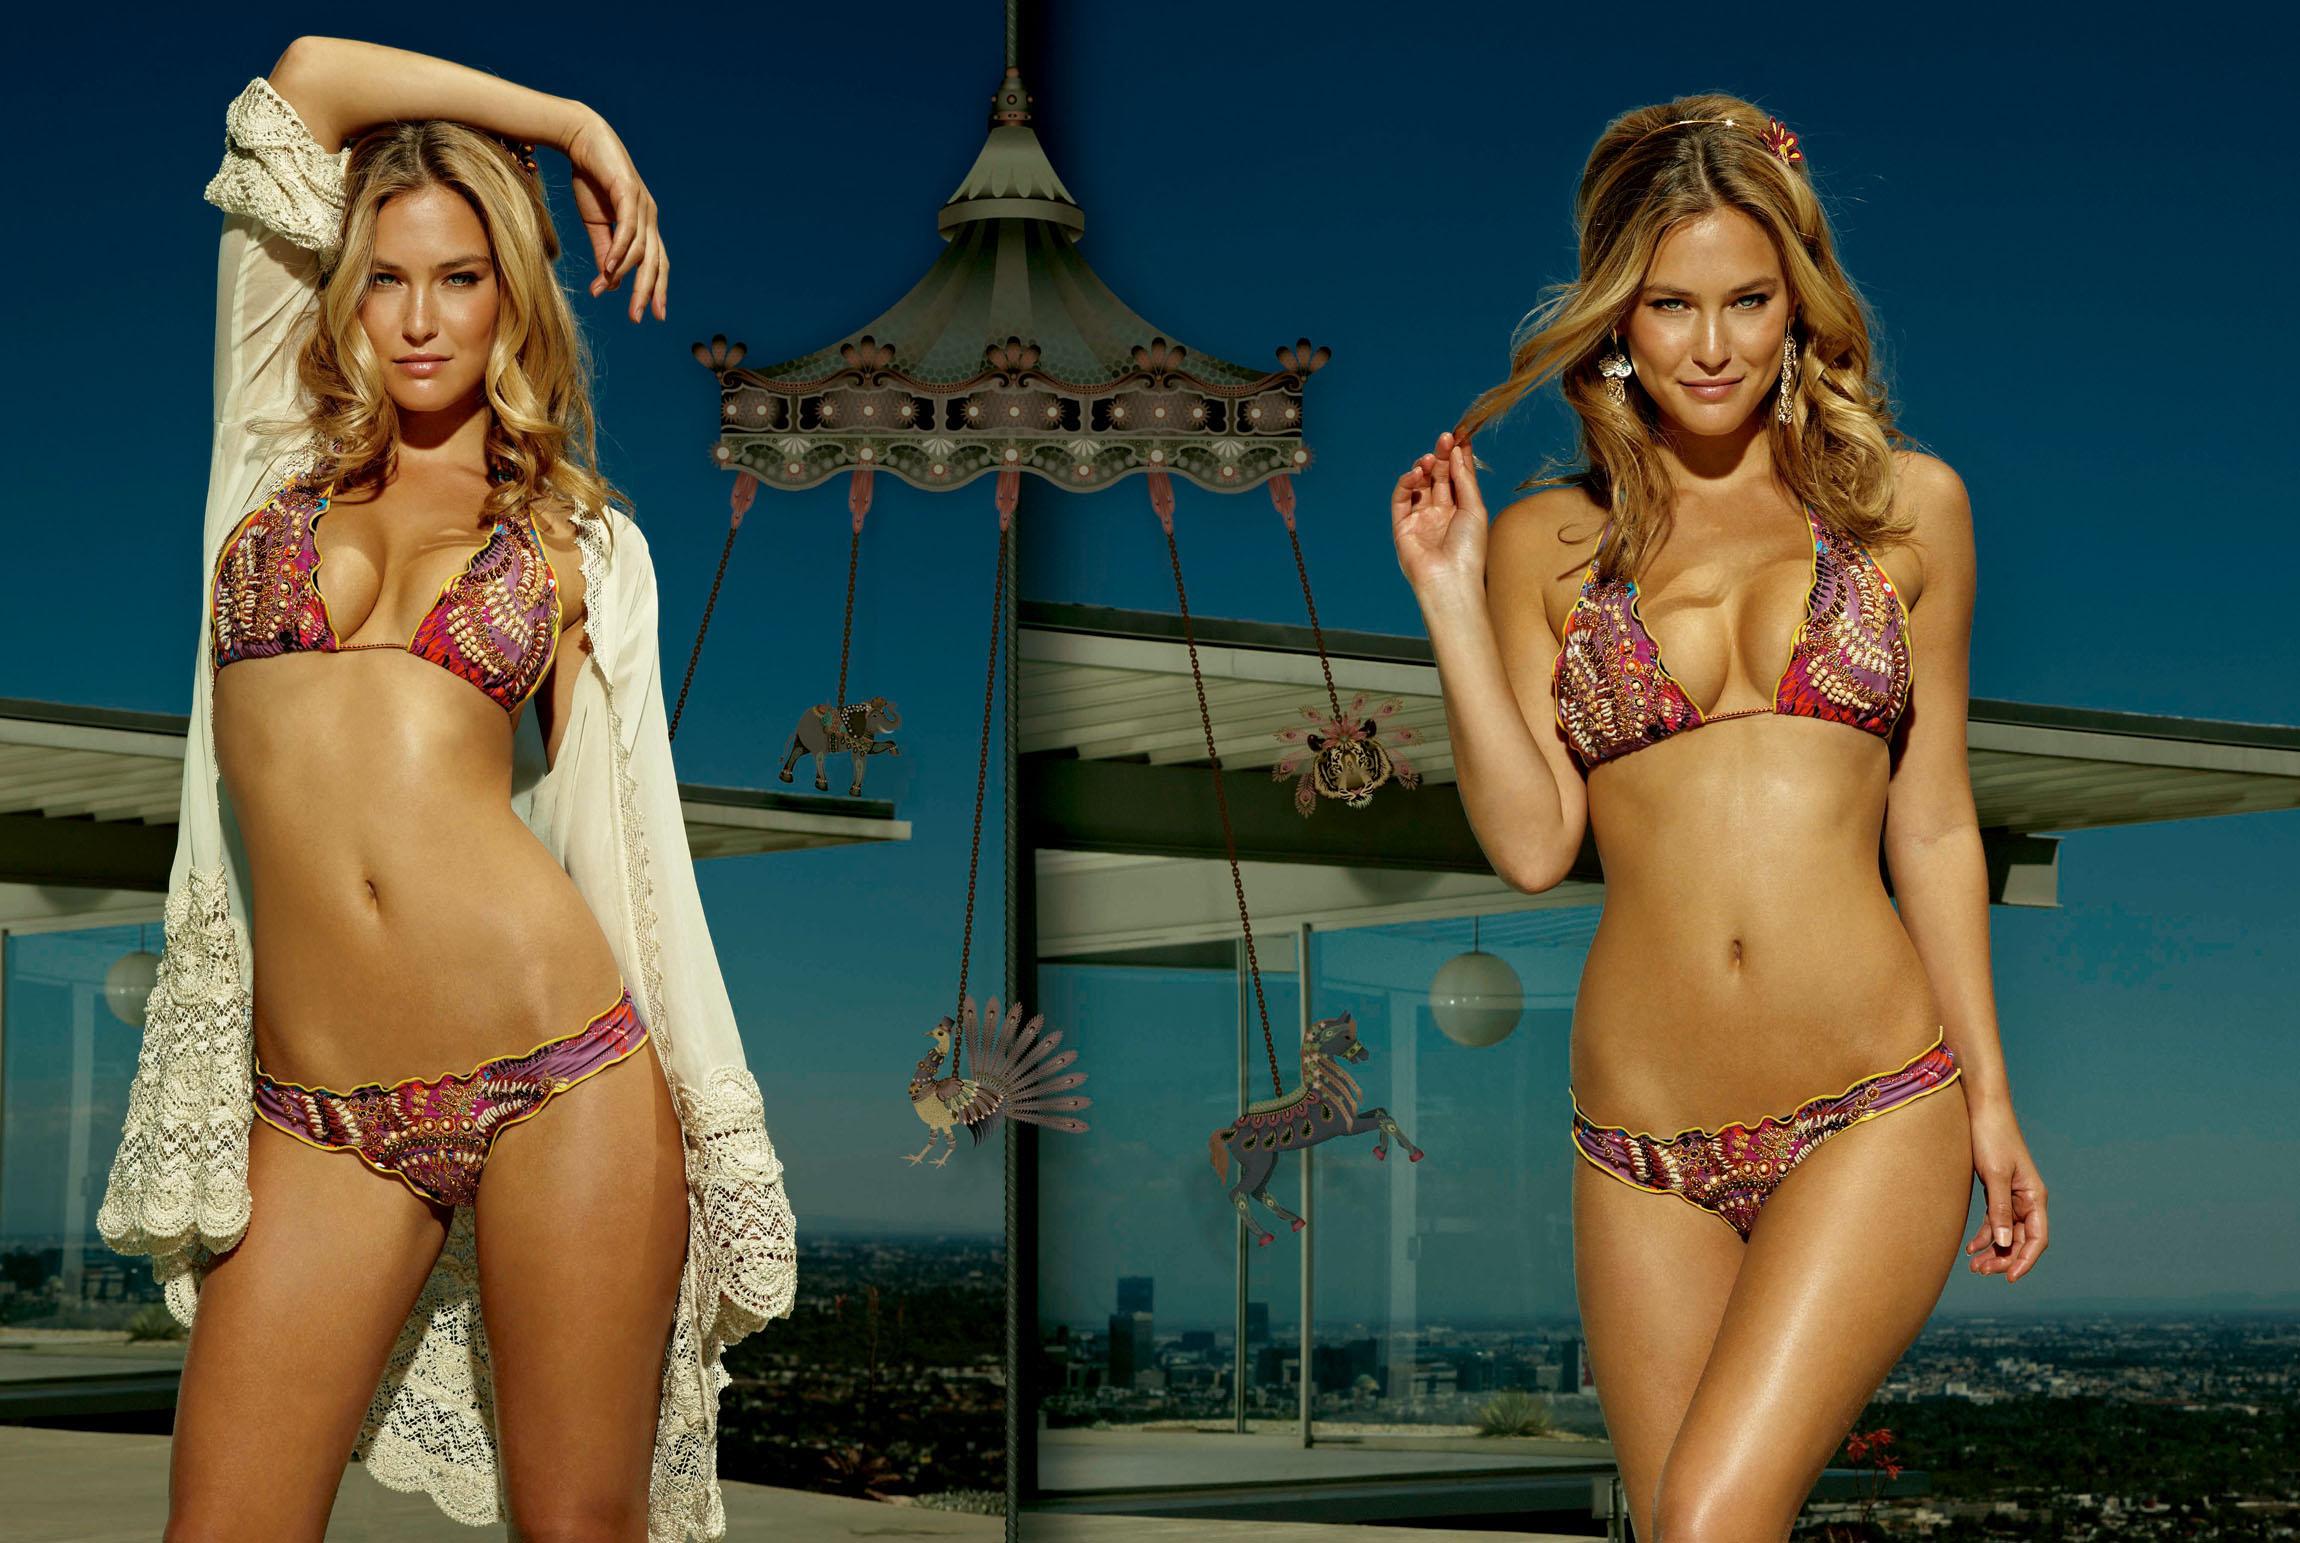 79112_Bar_Refaeli_ad_campaign_for_Agua_Bendita_2011_swimwear_line_8_122_435lo.jpg